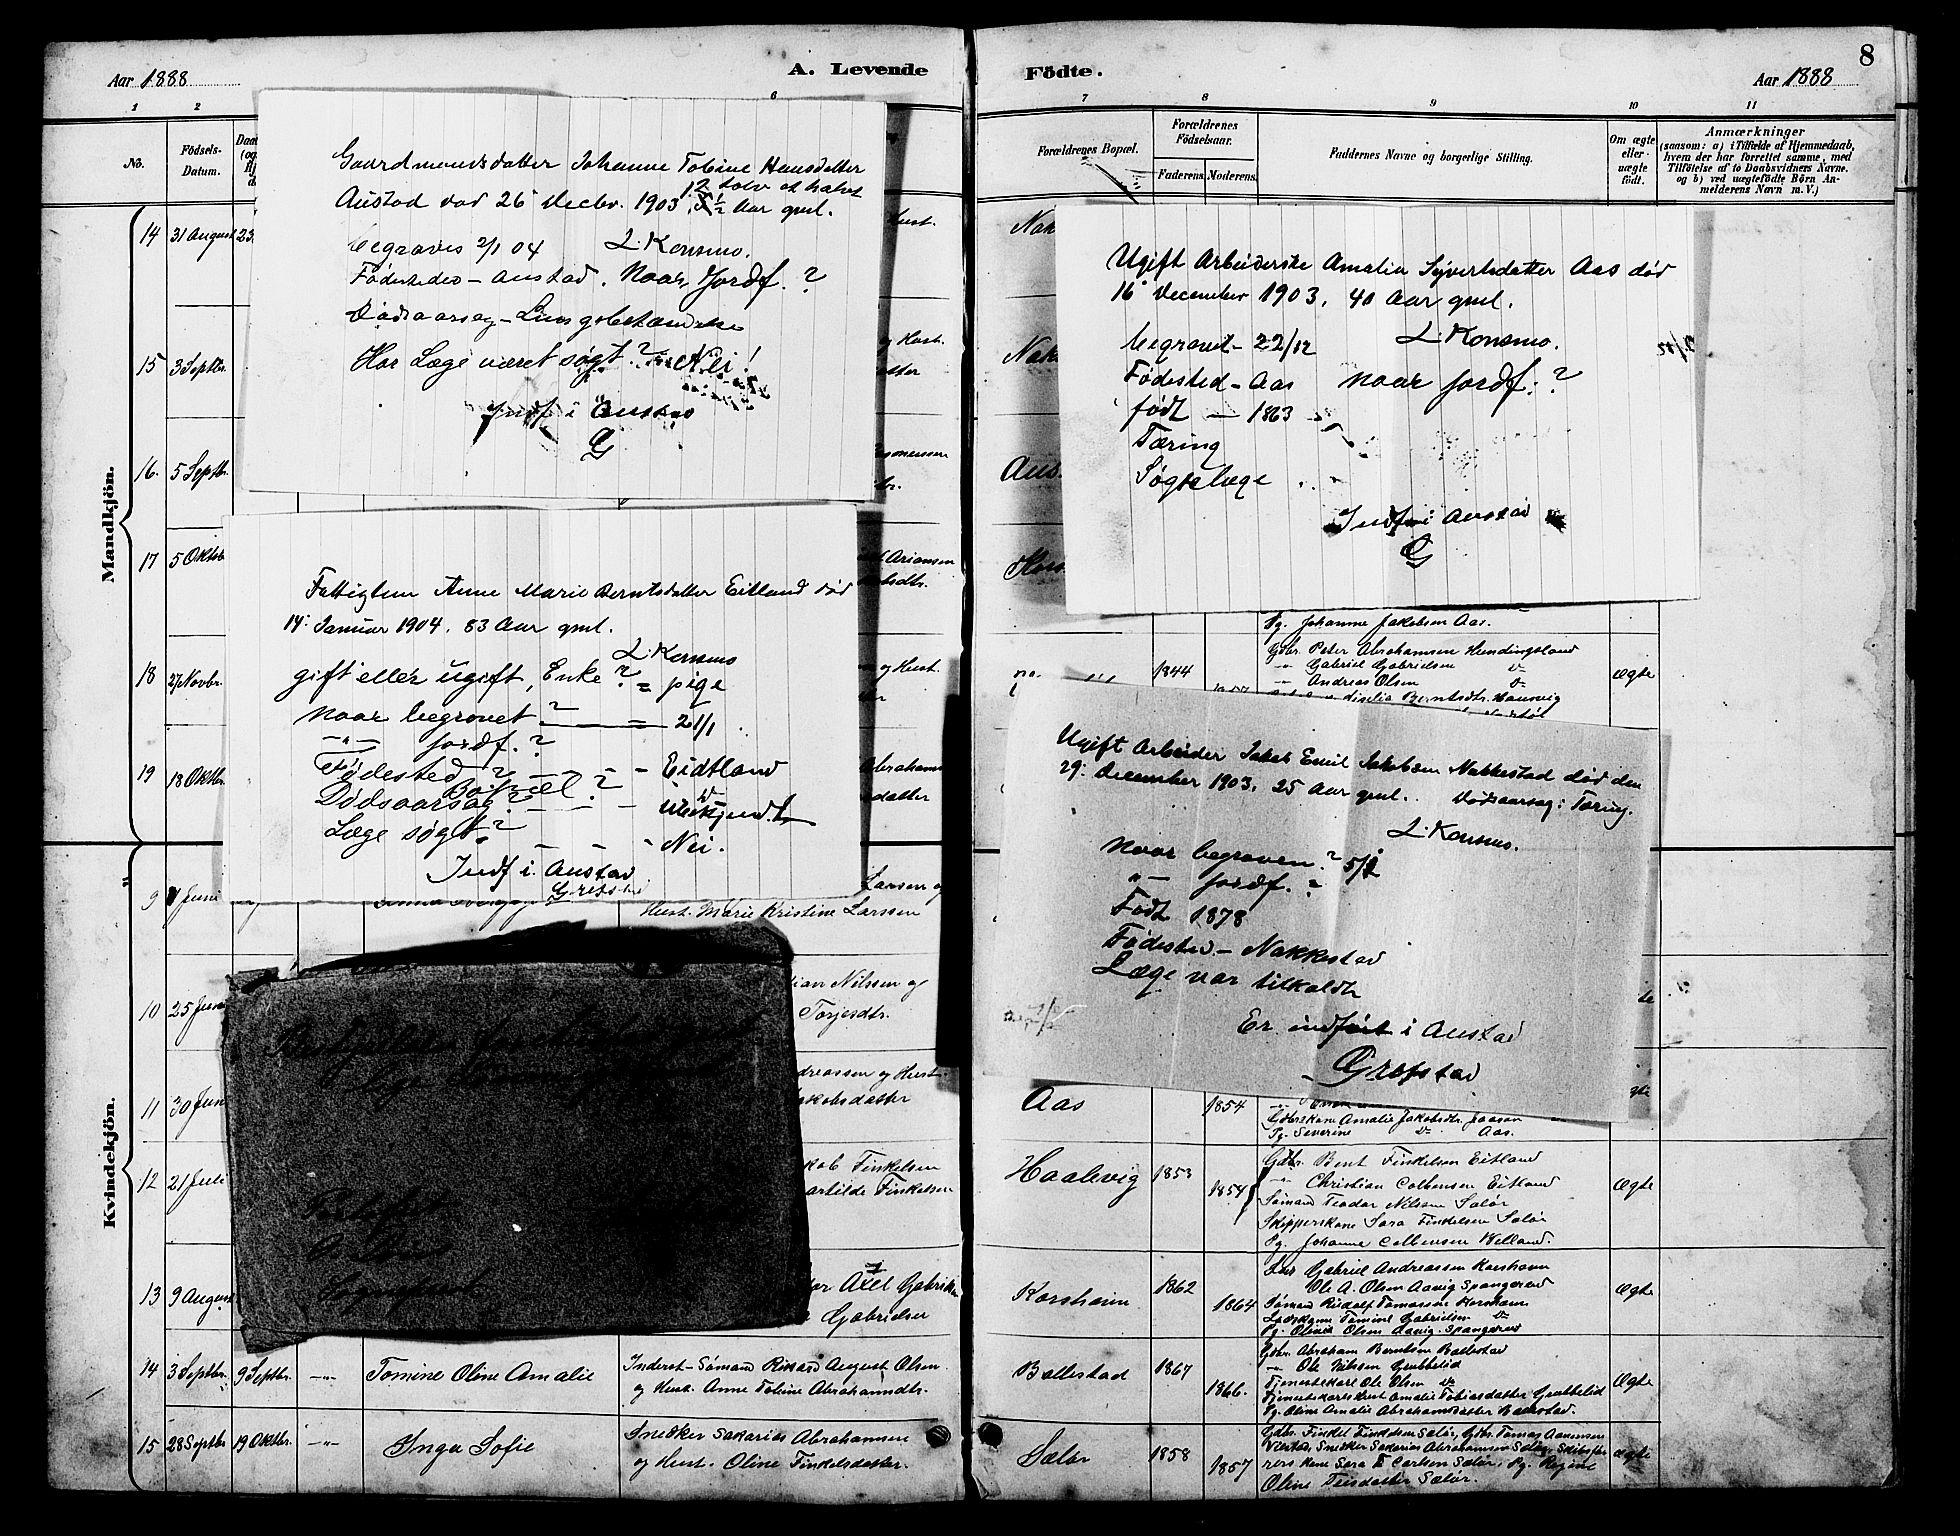 SAK, Lyngdal sokneprestkontor, F/Fb/Fba/L0003: Klokkerbok nr. B 3, 1886-1903, s. 8